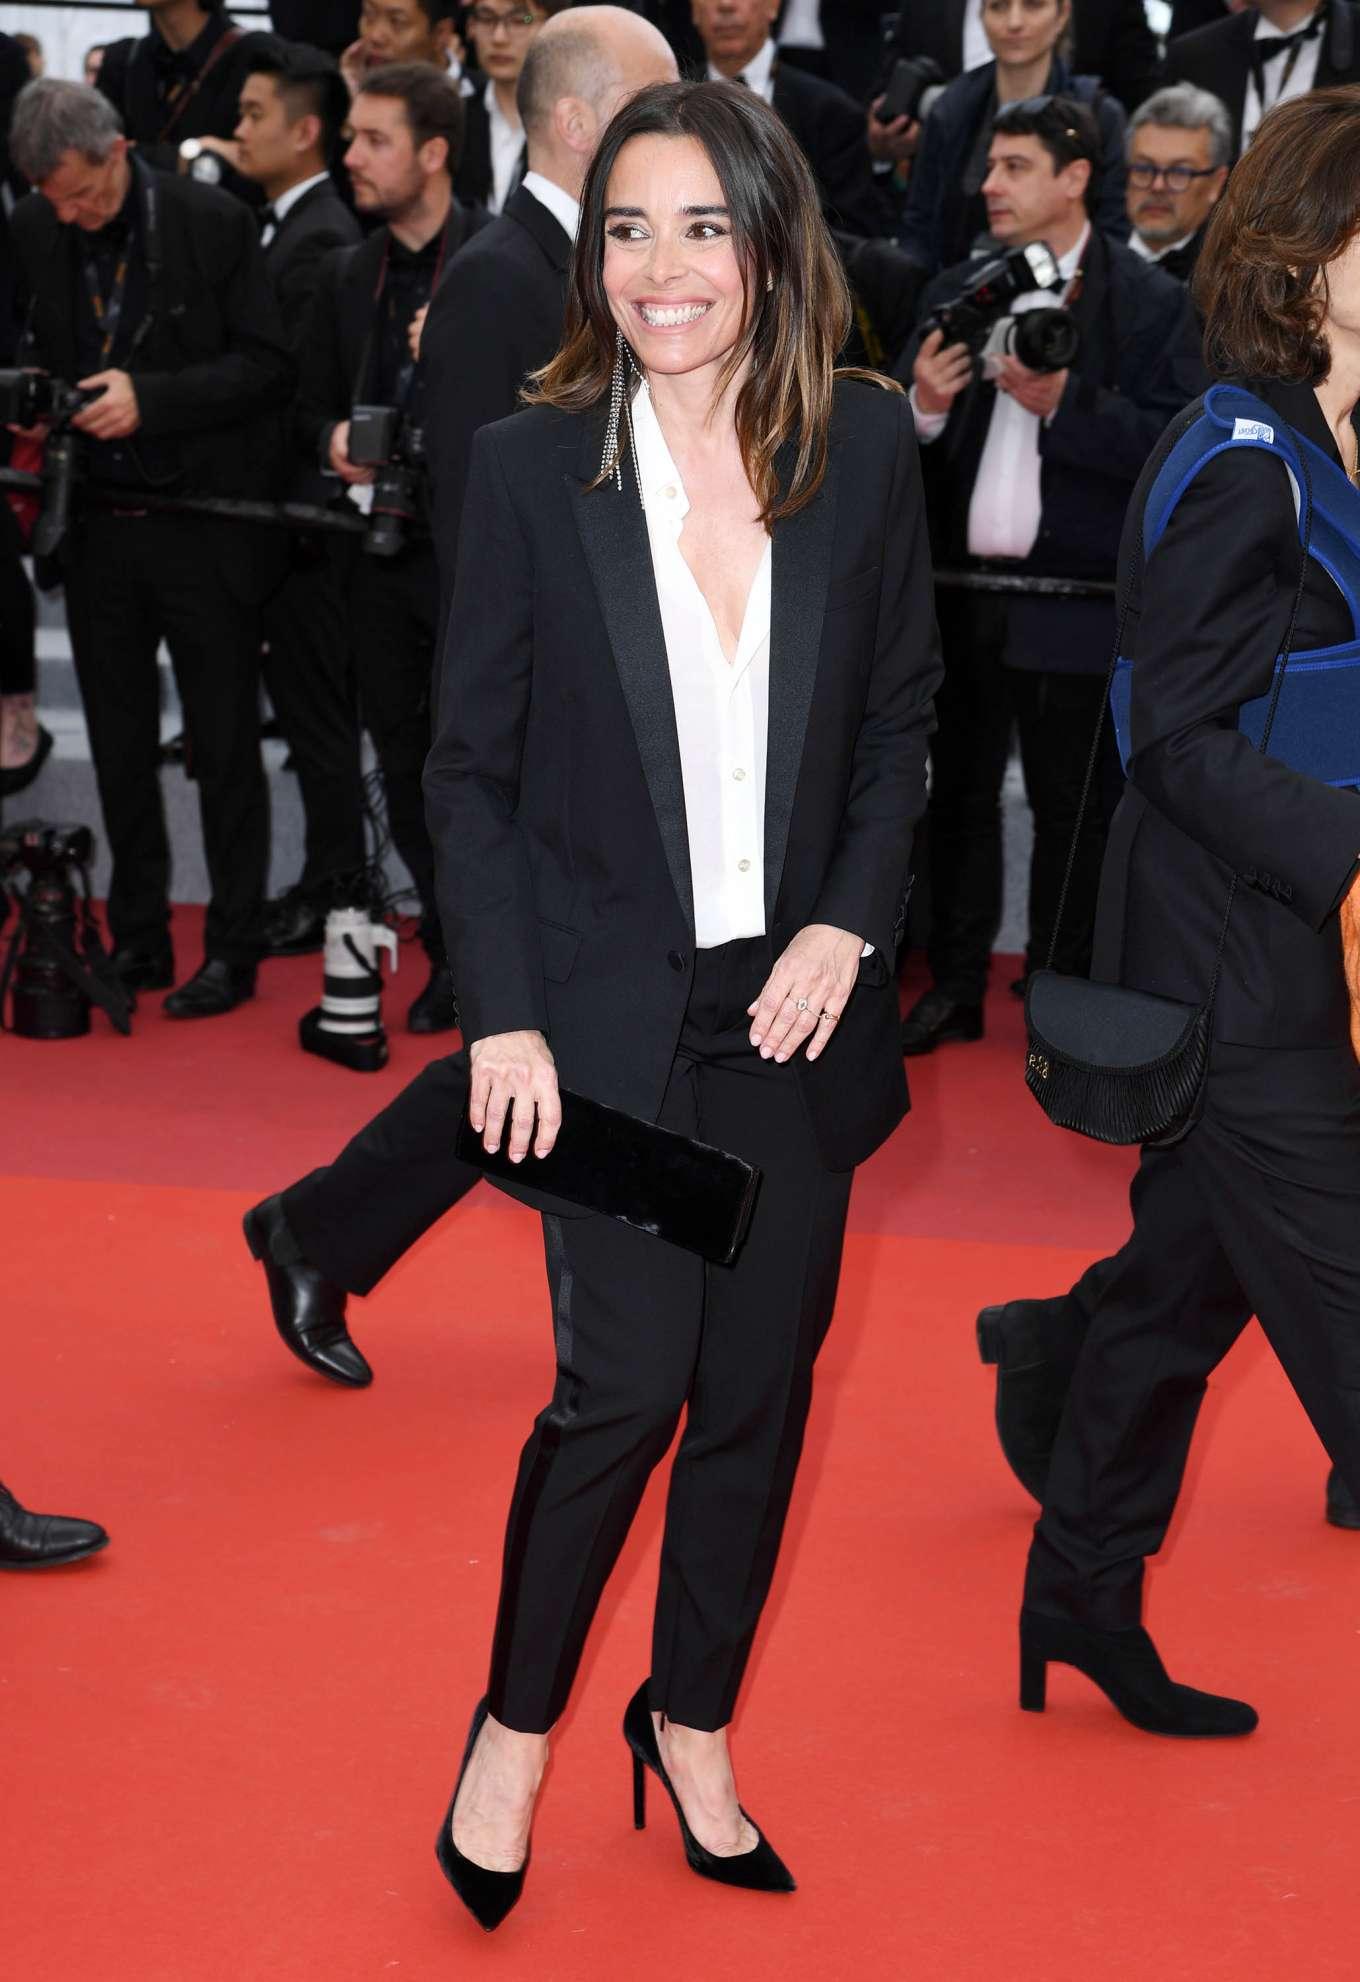 Elodie Bouchez 2019 : Elodie Bouchez: La Belle Epoque Premiere at 2019 Cannes Film Festival-03